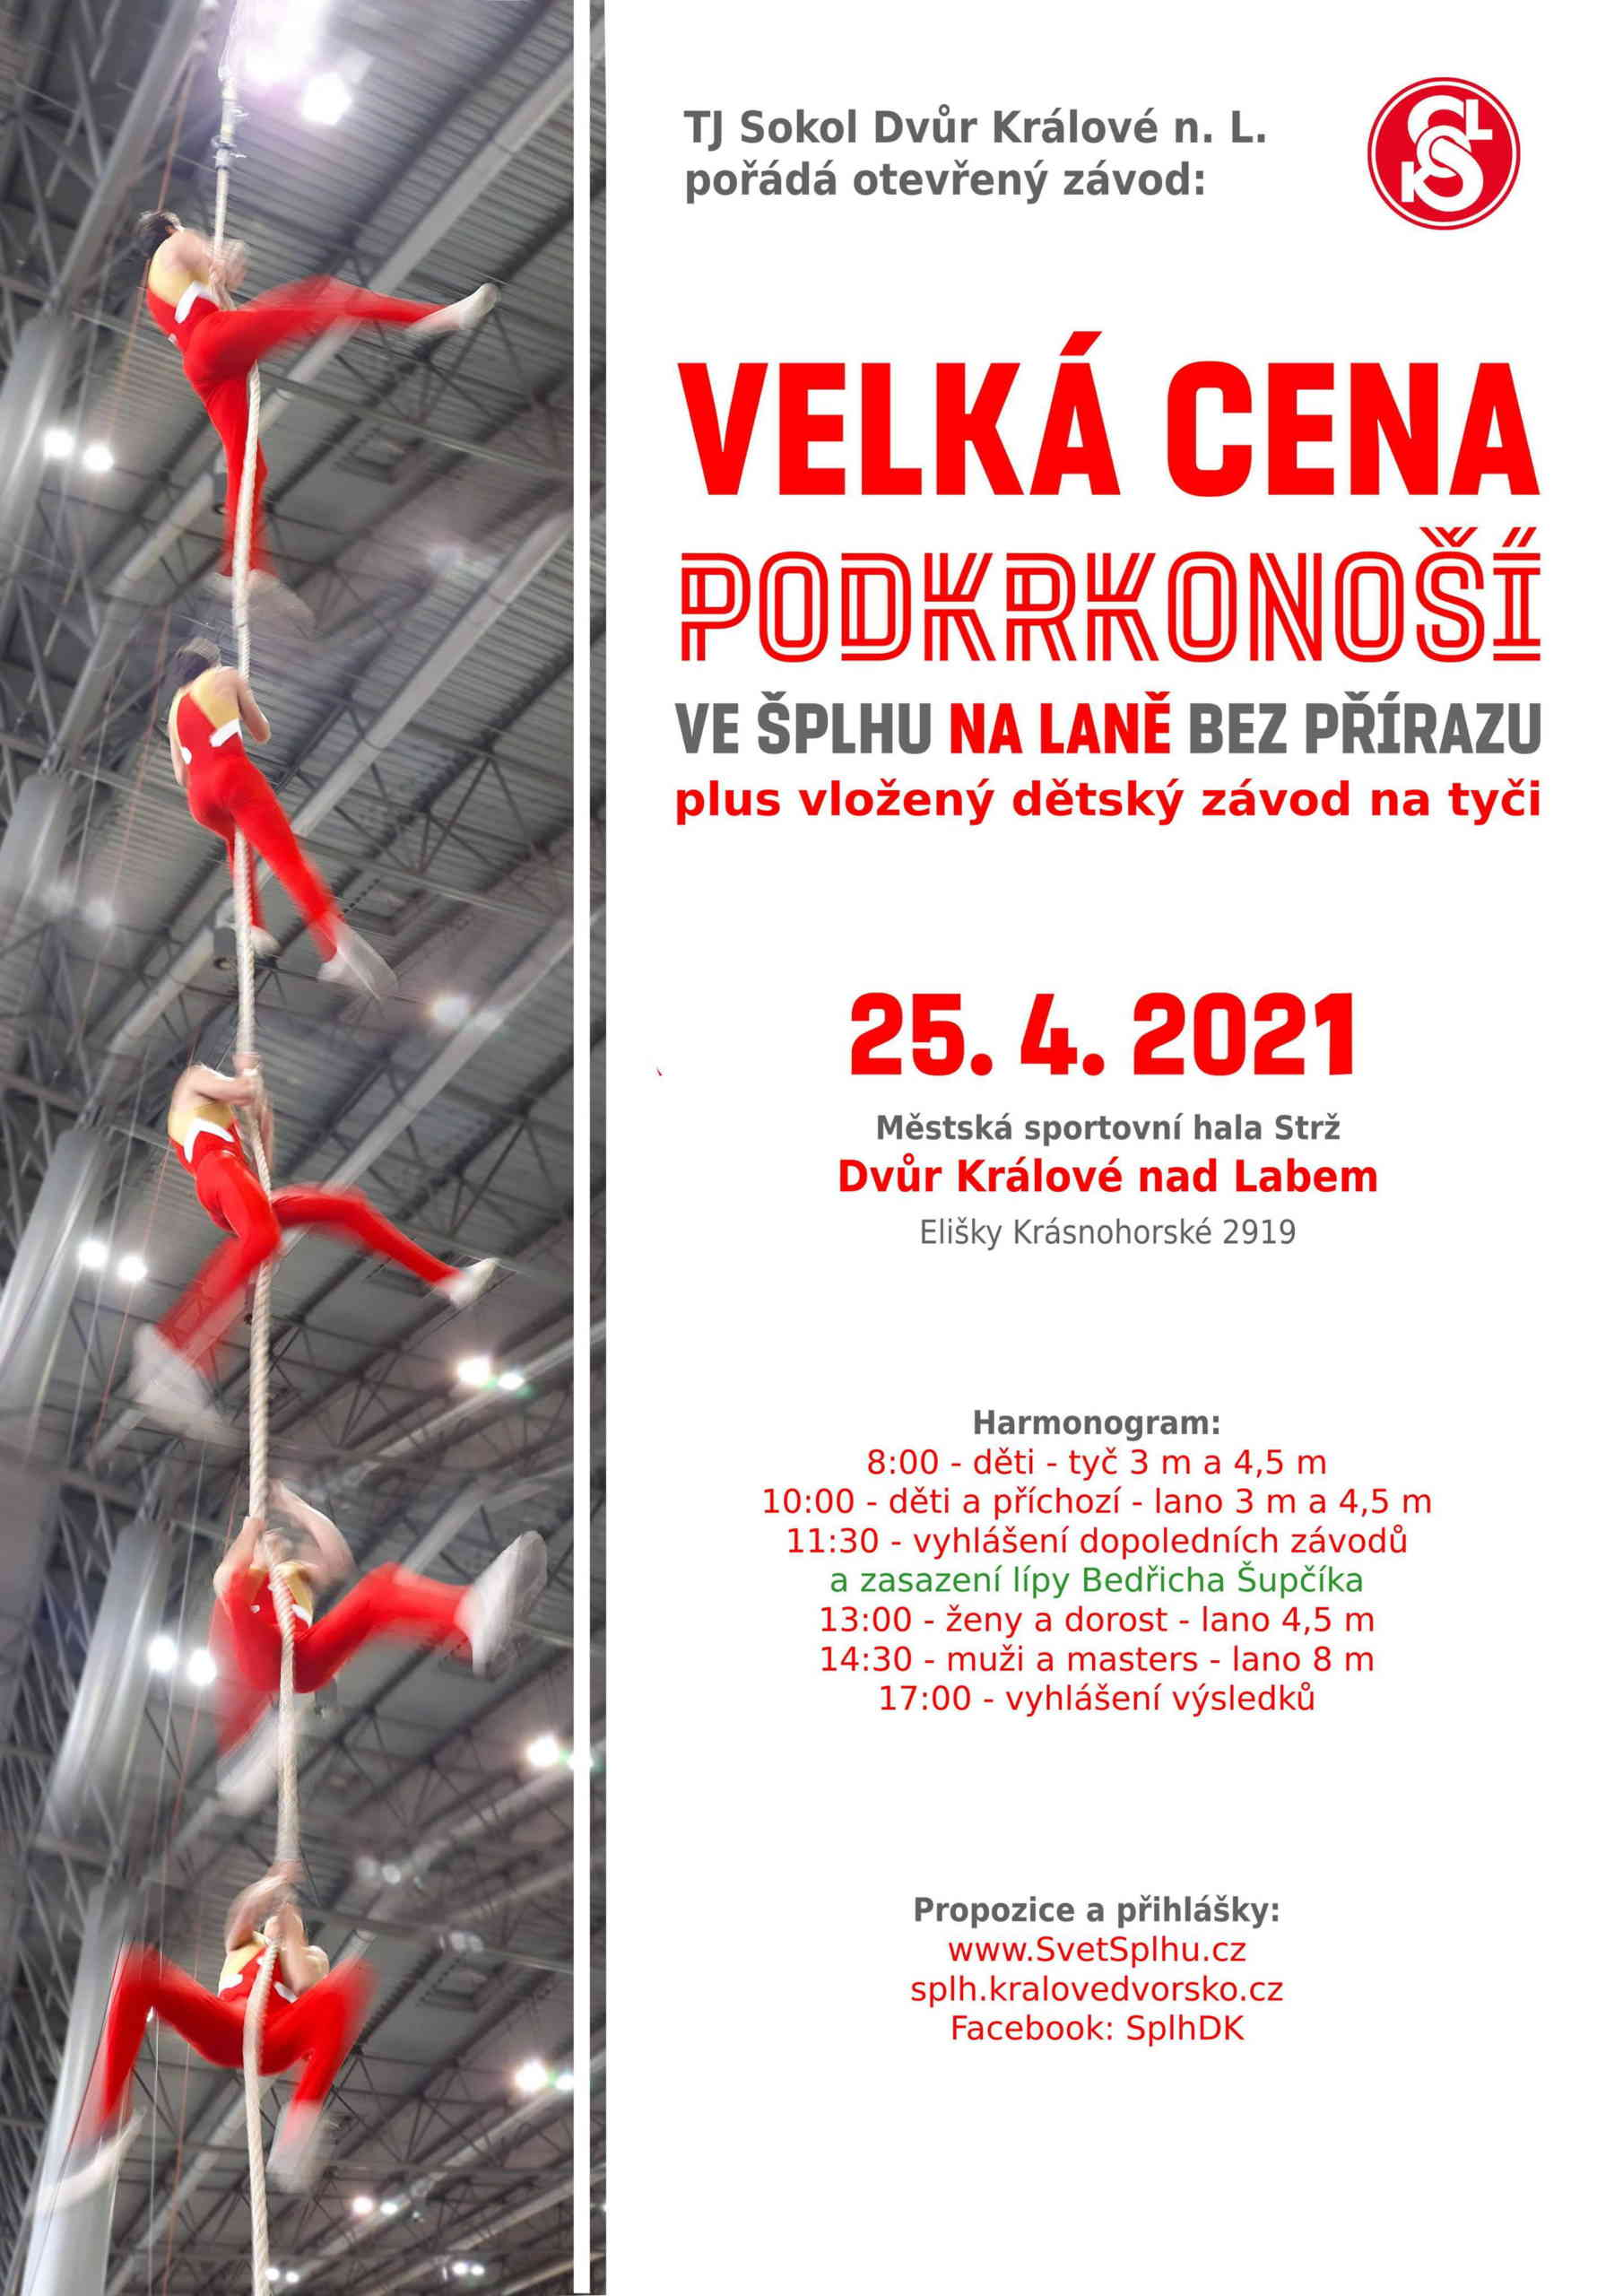 Velká cena Podkrkonoší 2021 - plakát